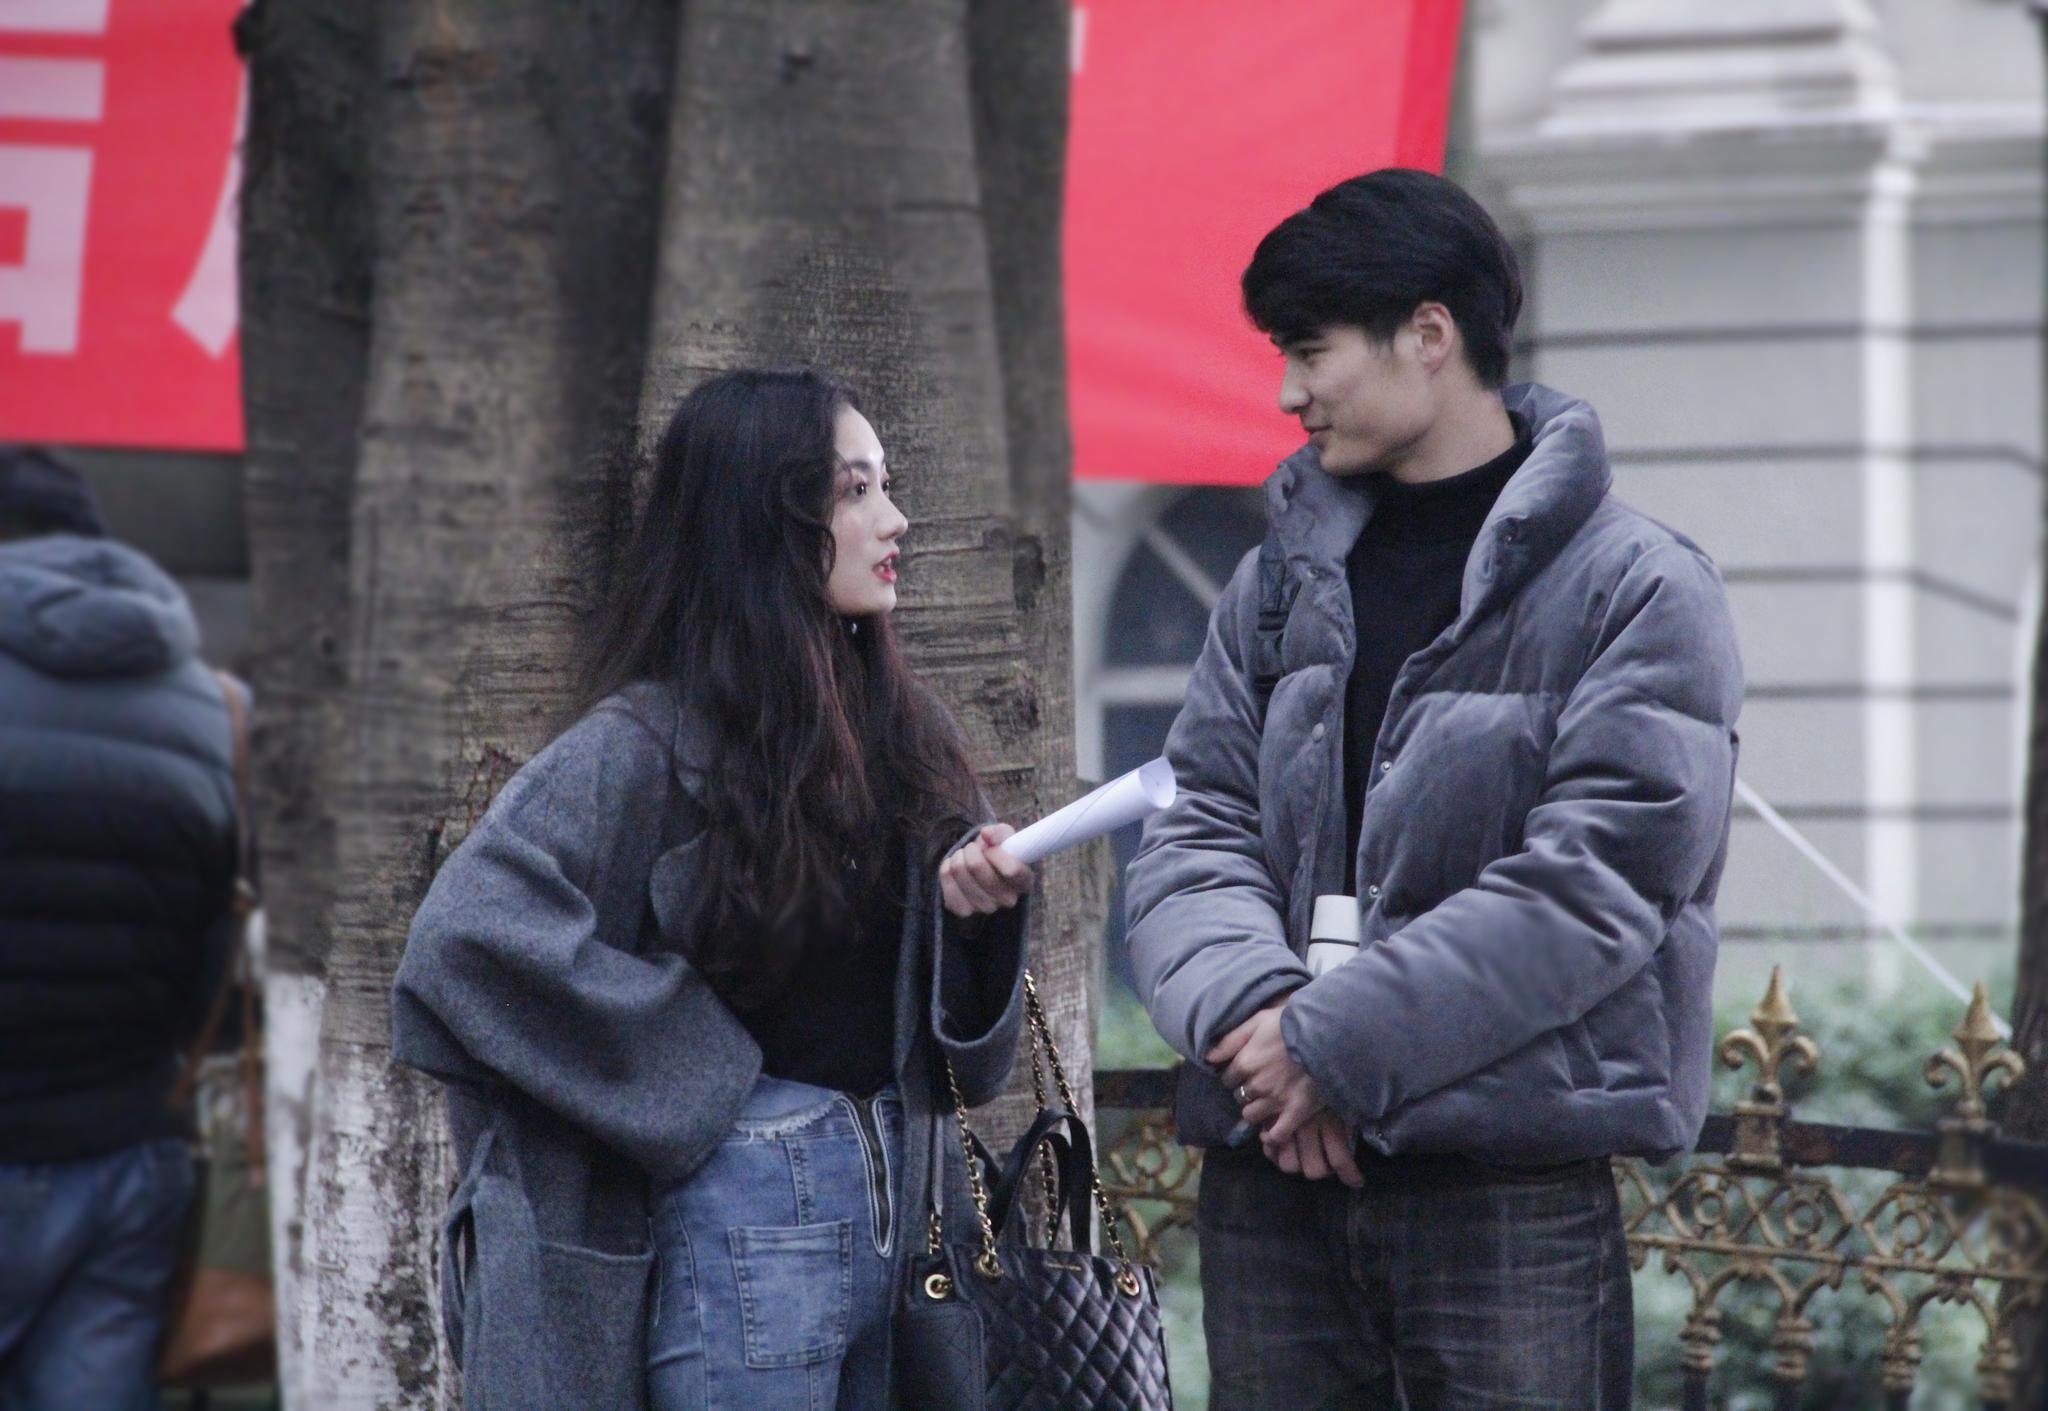 重庆在寒风中迎来艺考 俊男美女扎堆重庆大学